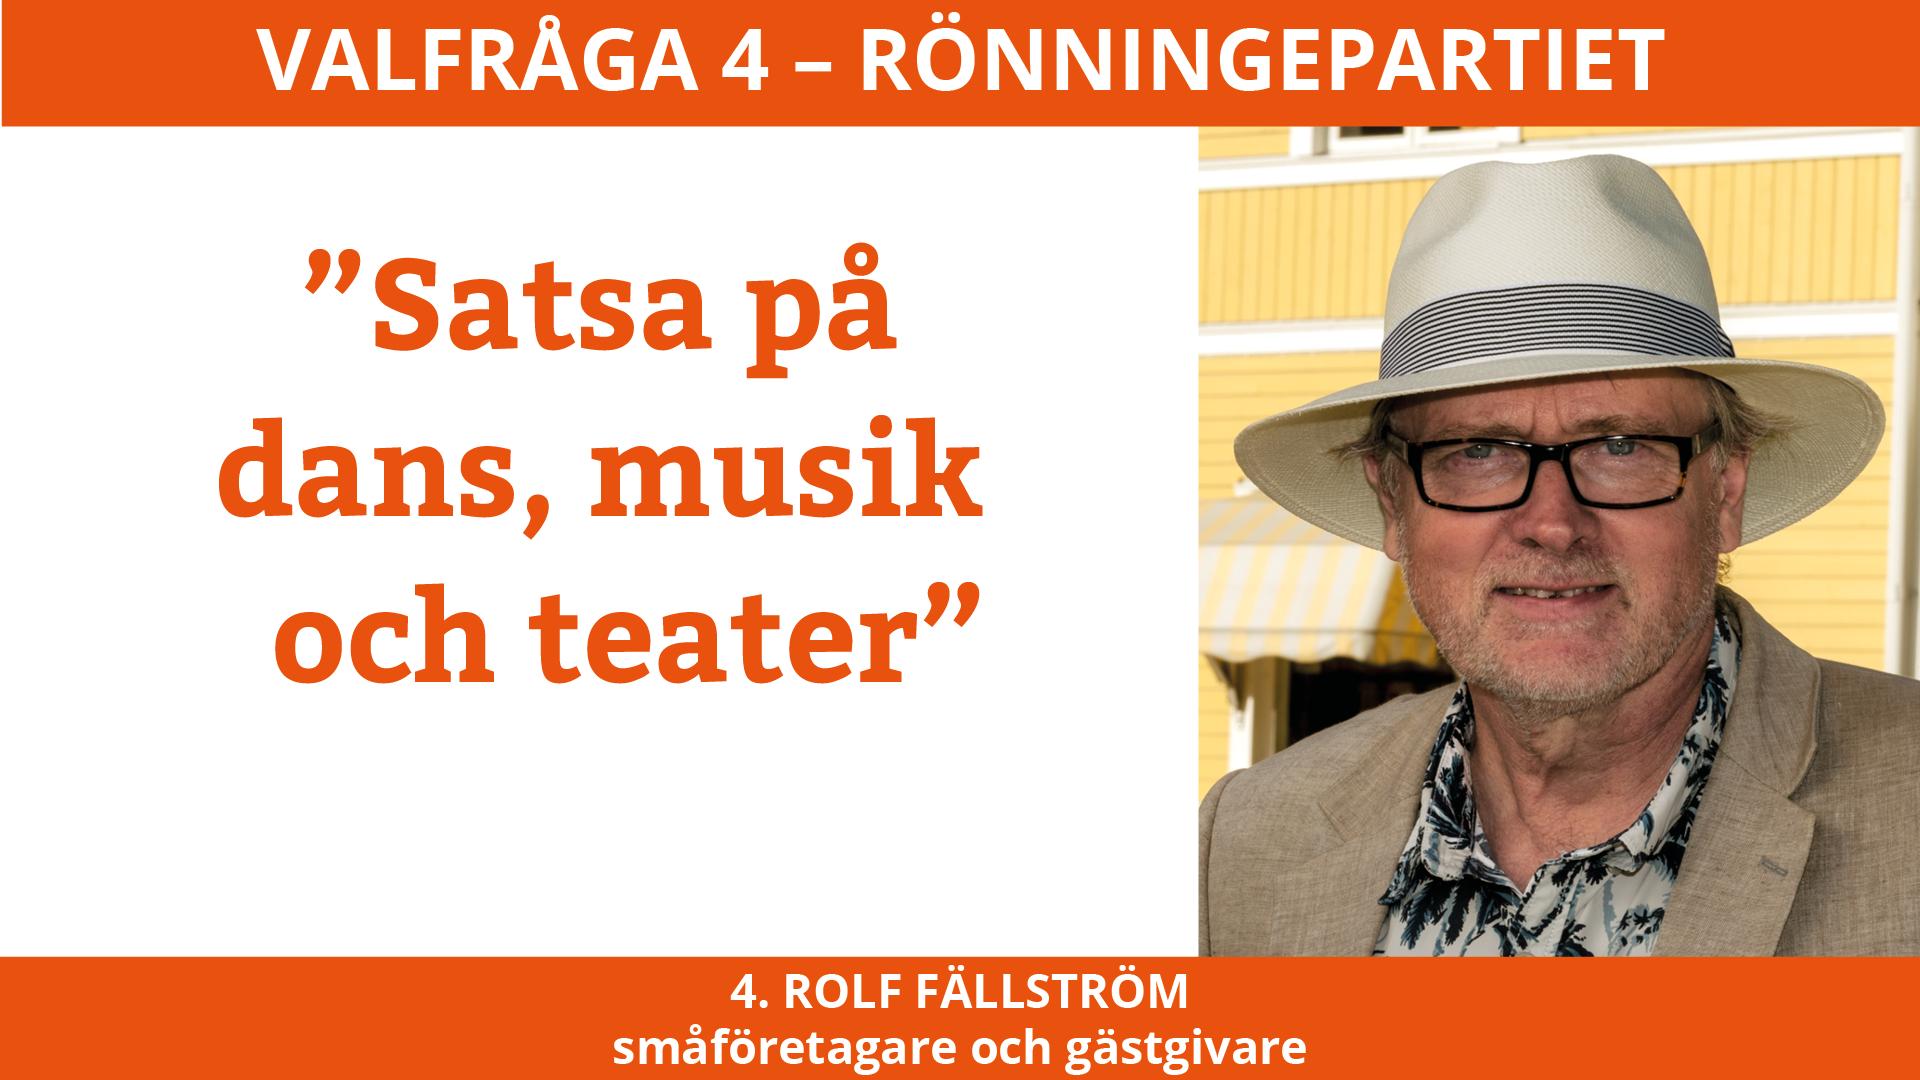 Valfråga 4 – Rolf Fällström Rönningepartiet